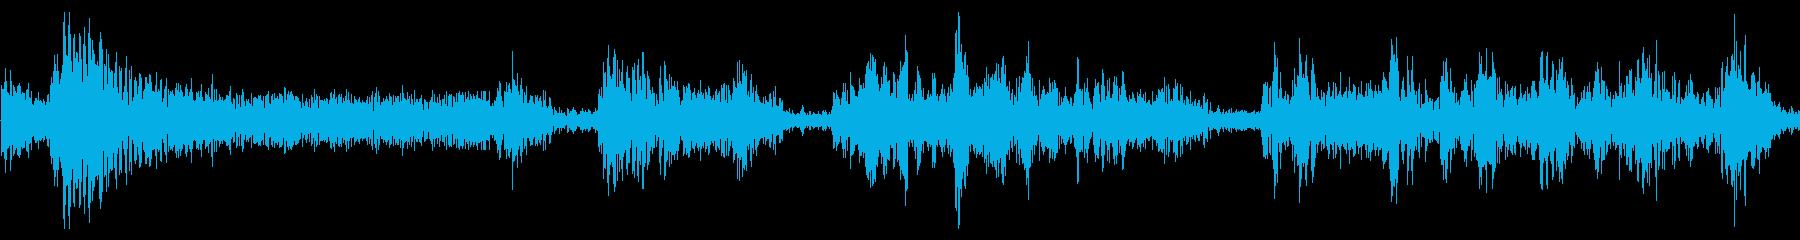 ロボットの動き、ドロイド、機械、サ...の再生済みの波形